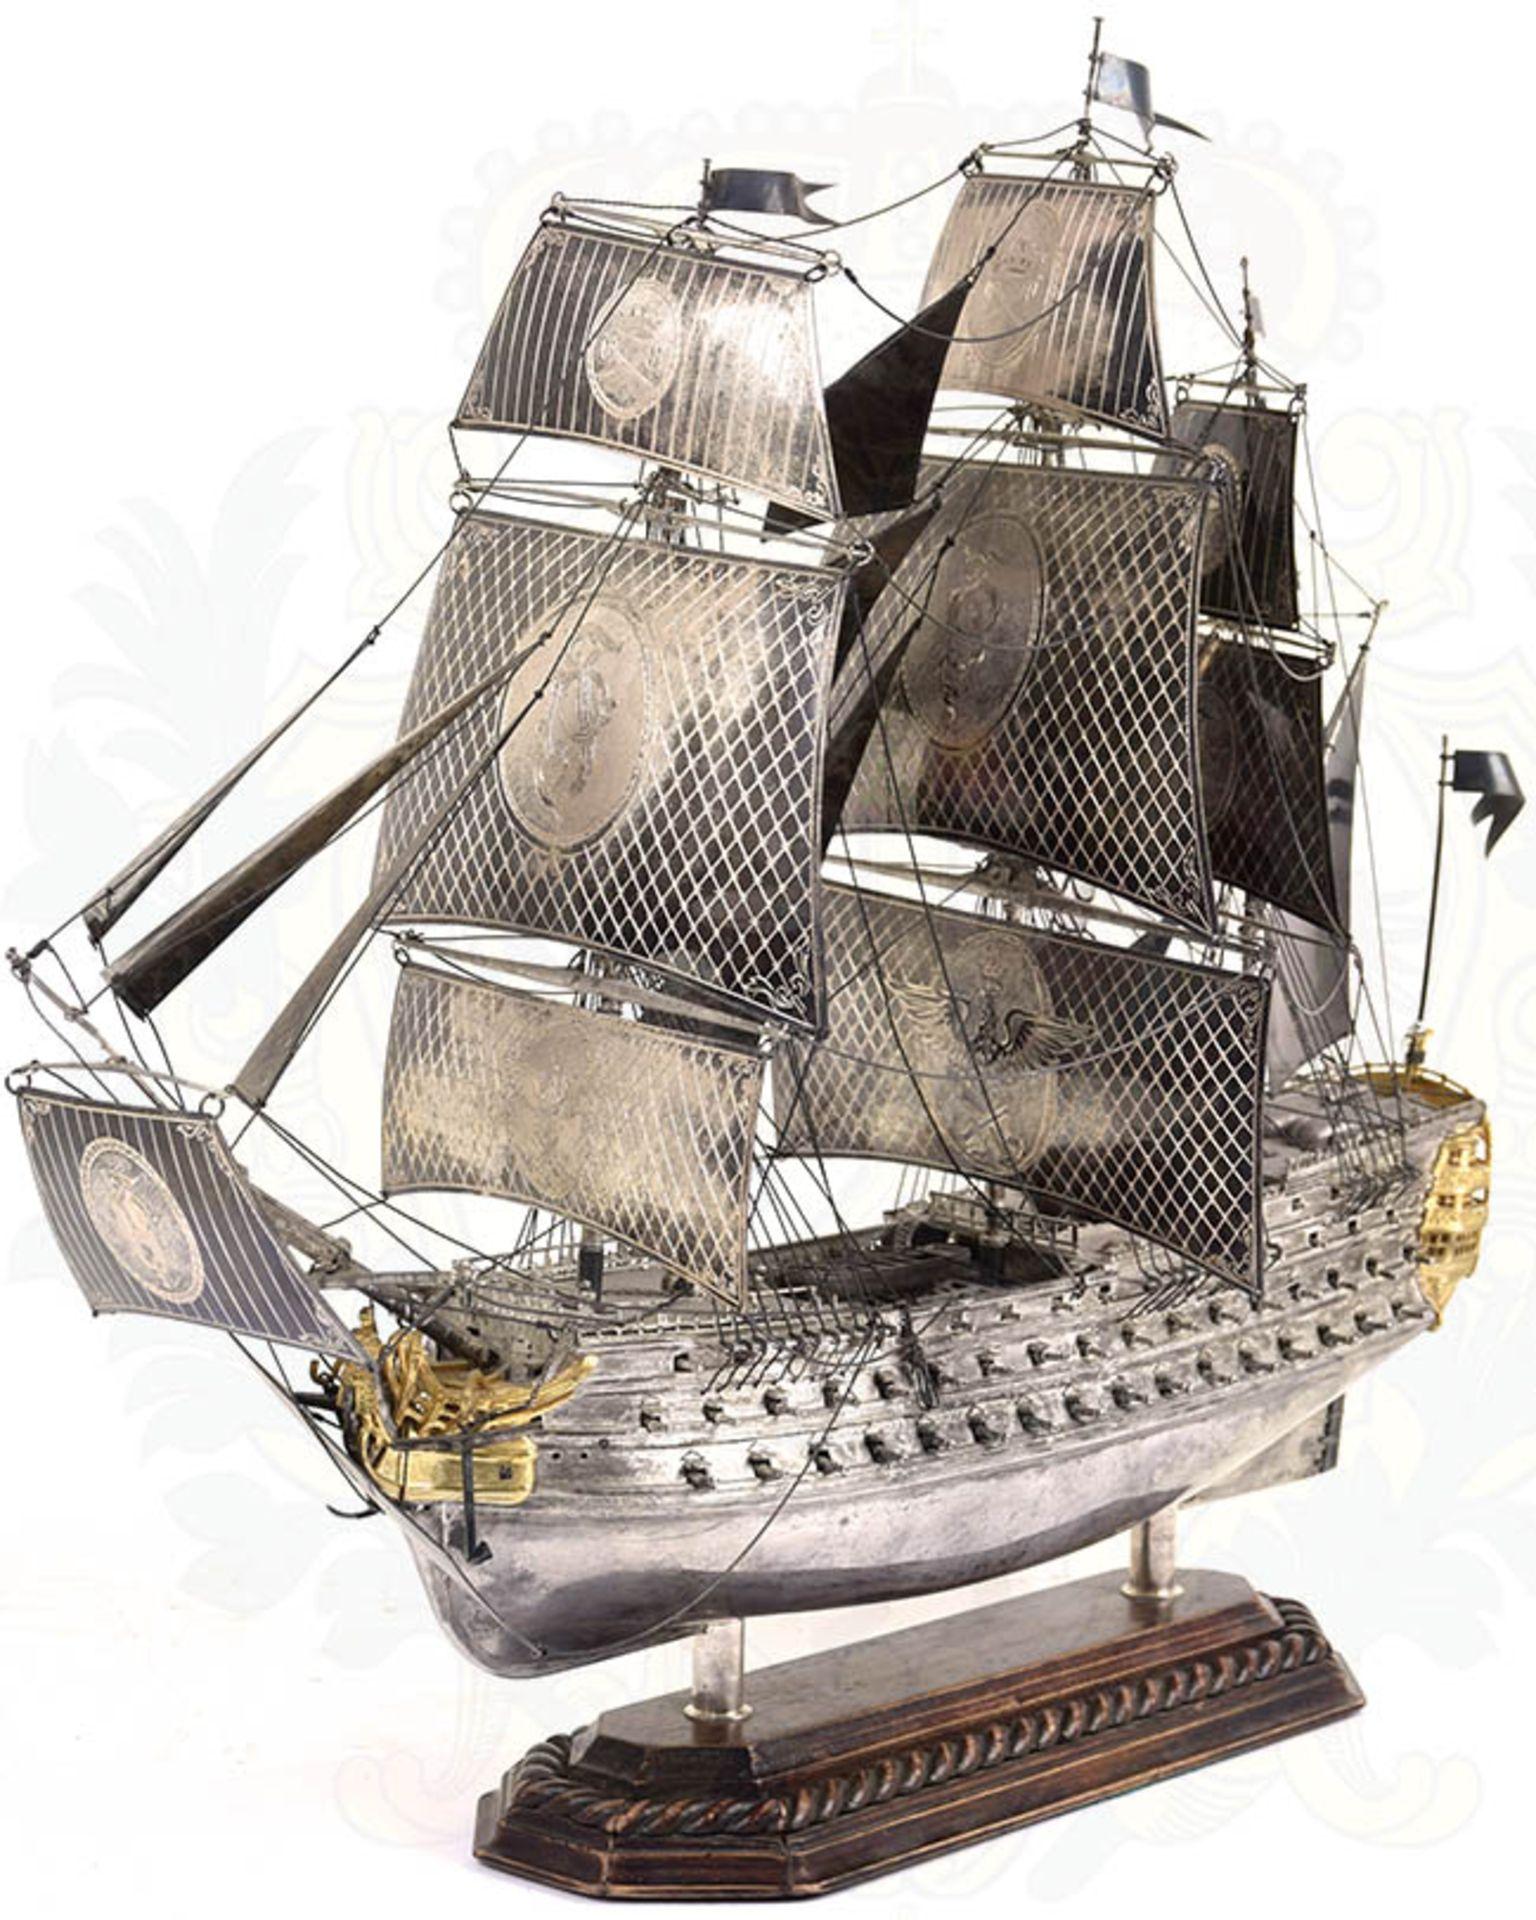 MODELL-LINIENSCHIFF, Dreidecker-Segellinienschiff der 2. Hälfte des 18. Jhd. mit 100 Kanonen, - Bild 14 aus 15